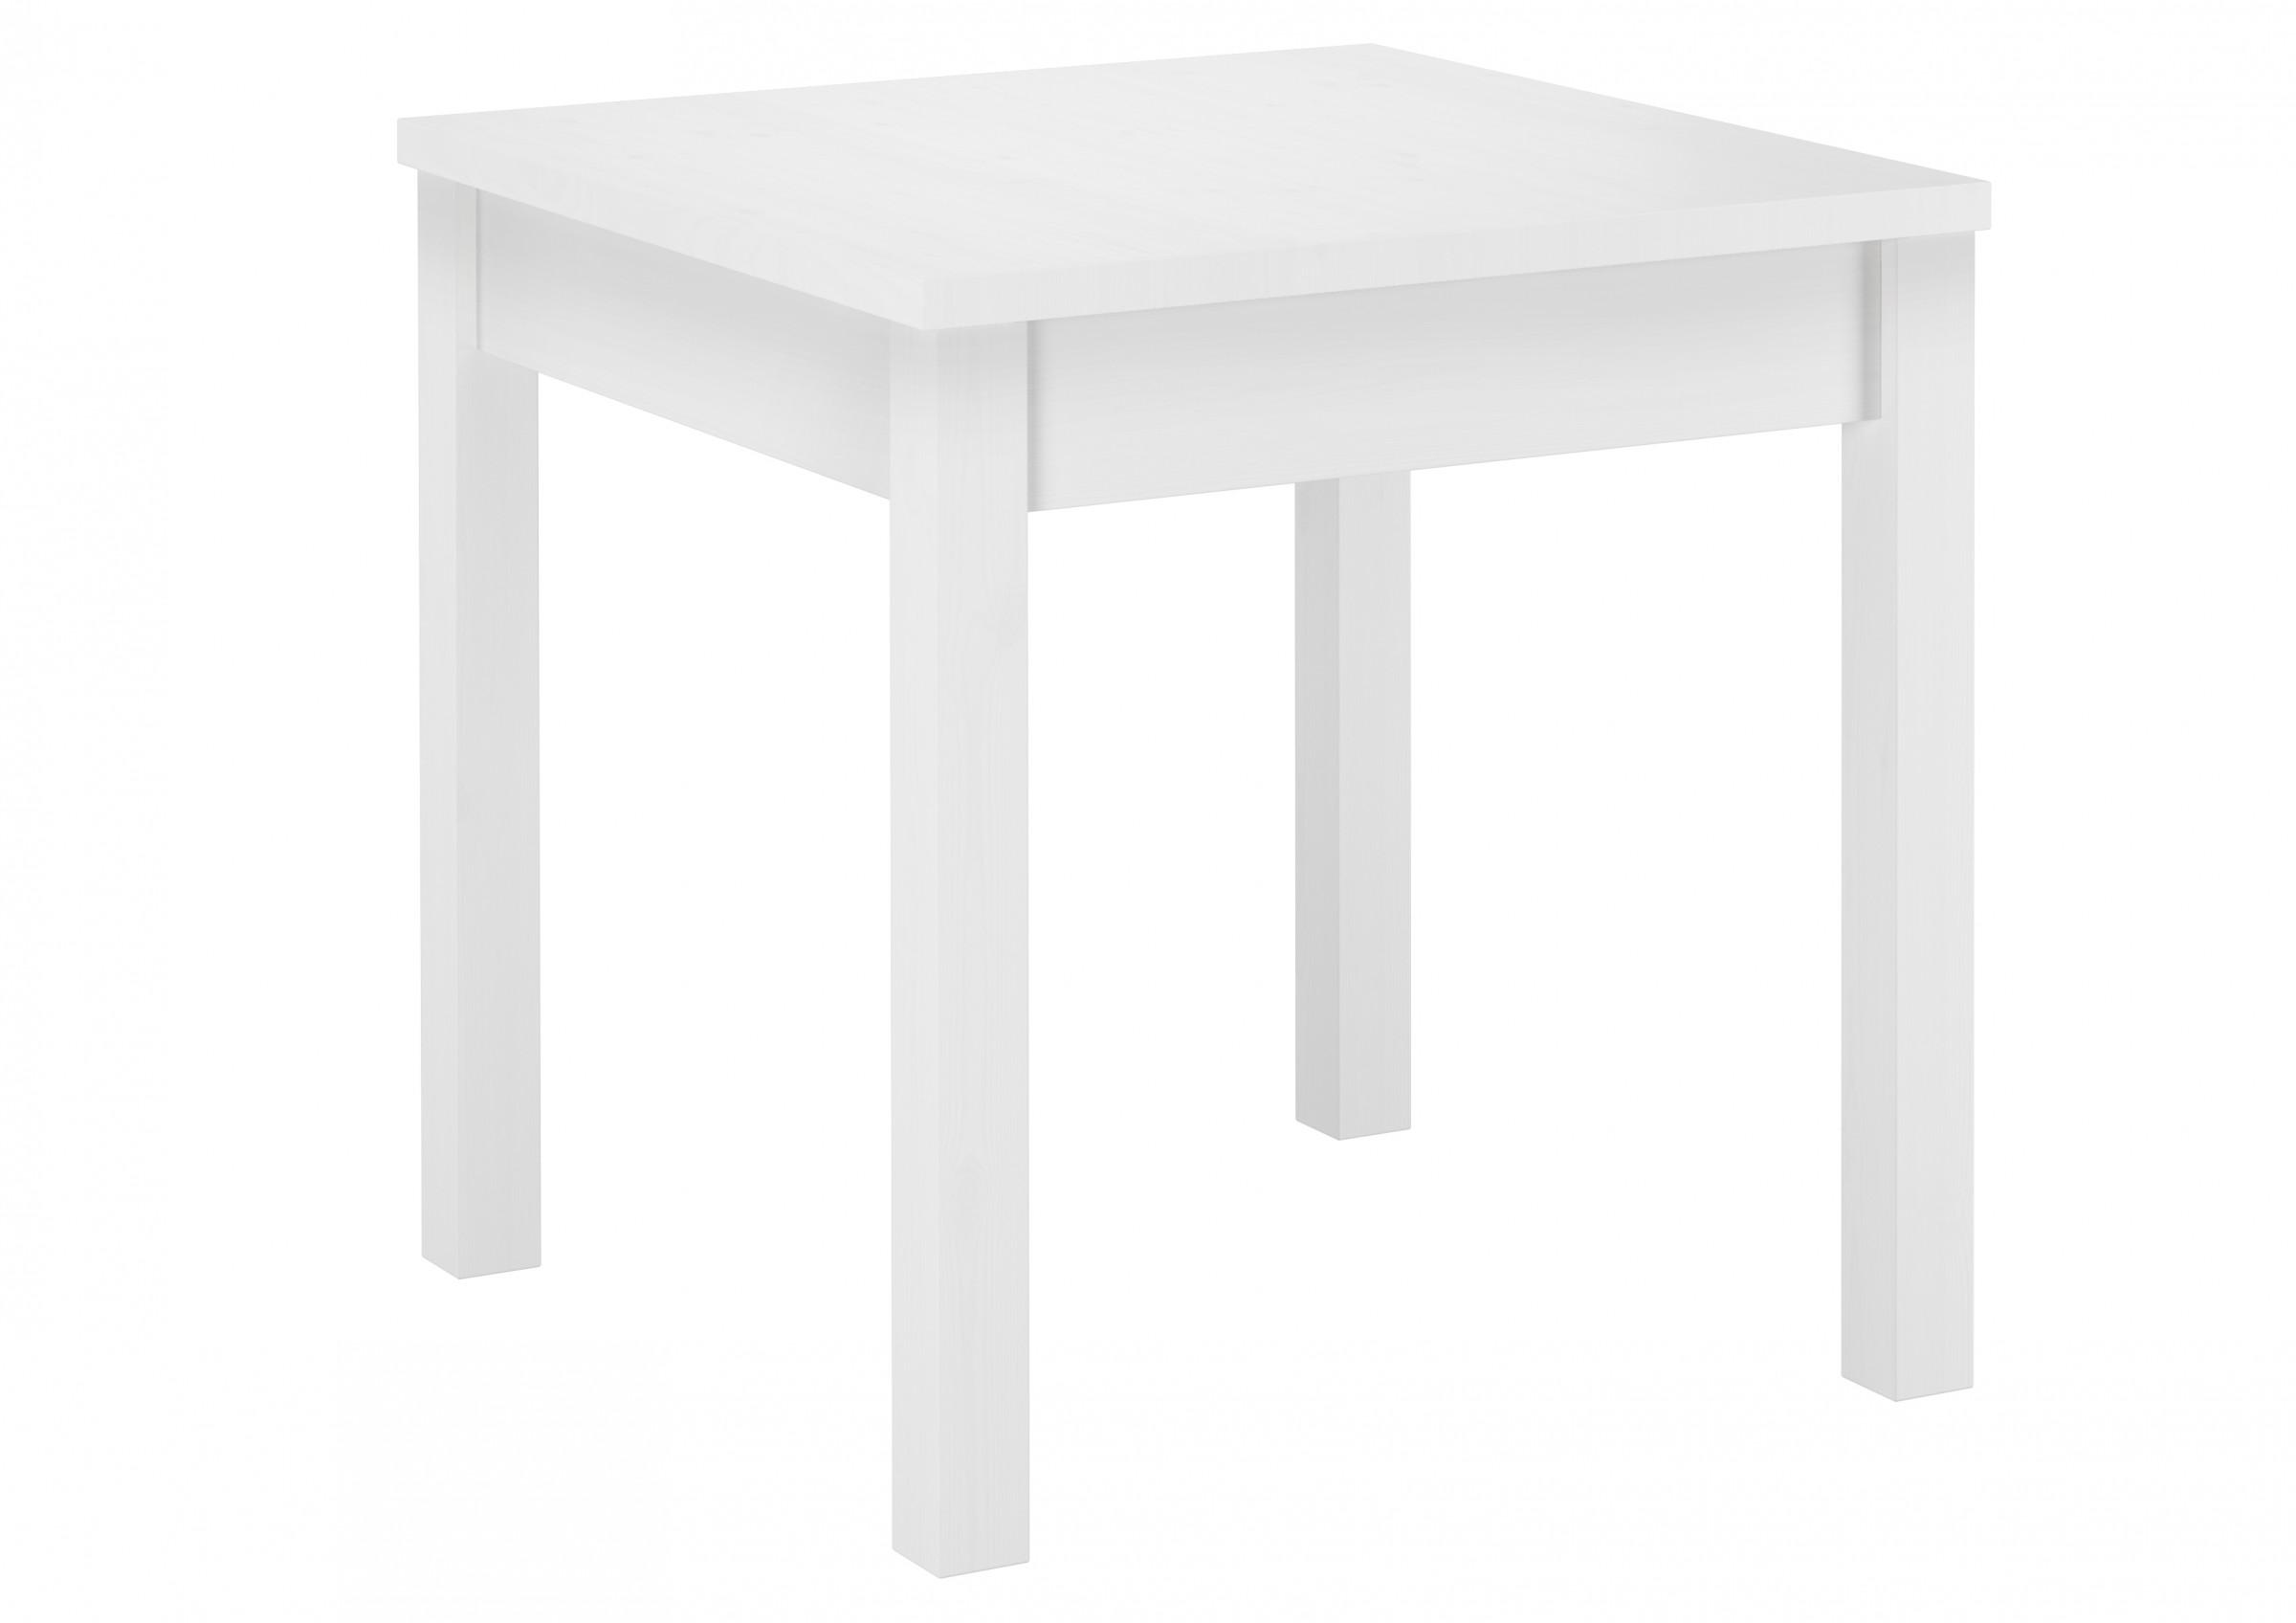 w wei er tisch esszimmertisch k chentisch beistelltisch kiefer massivholz 75x75x75 cm. Black Bedroom Furniture Sets. Home Design Ideas